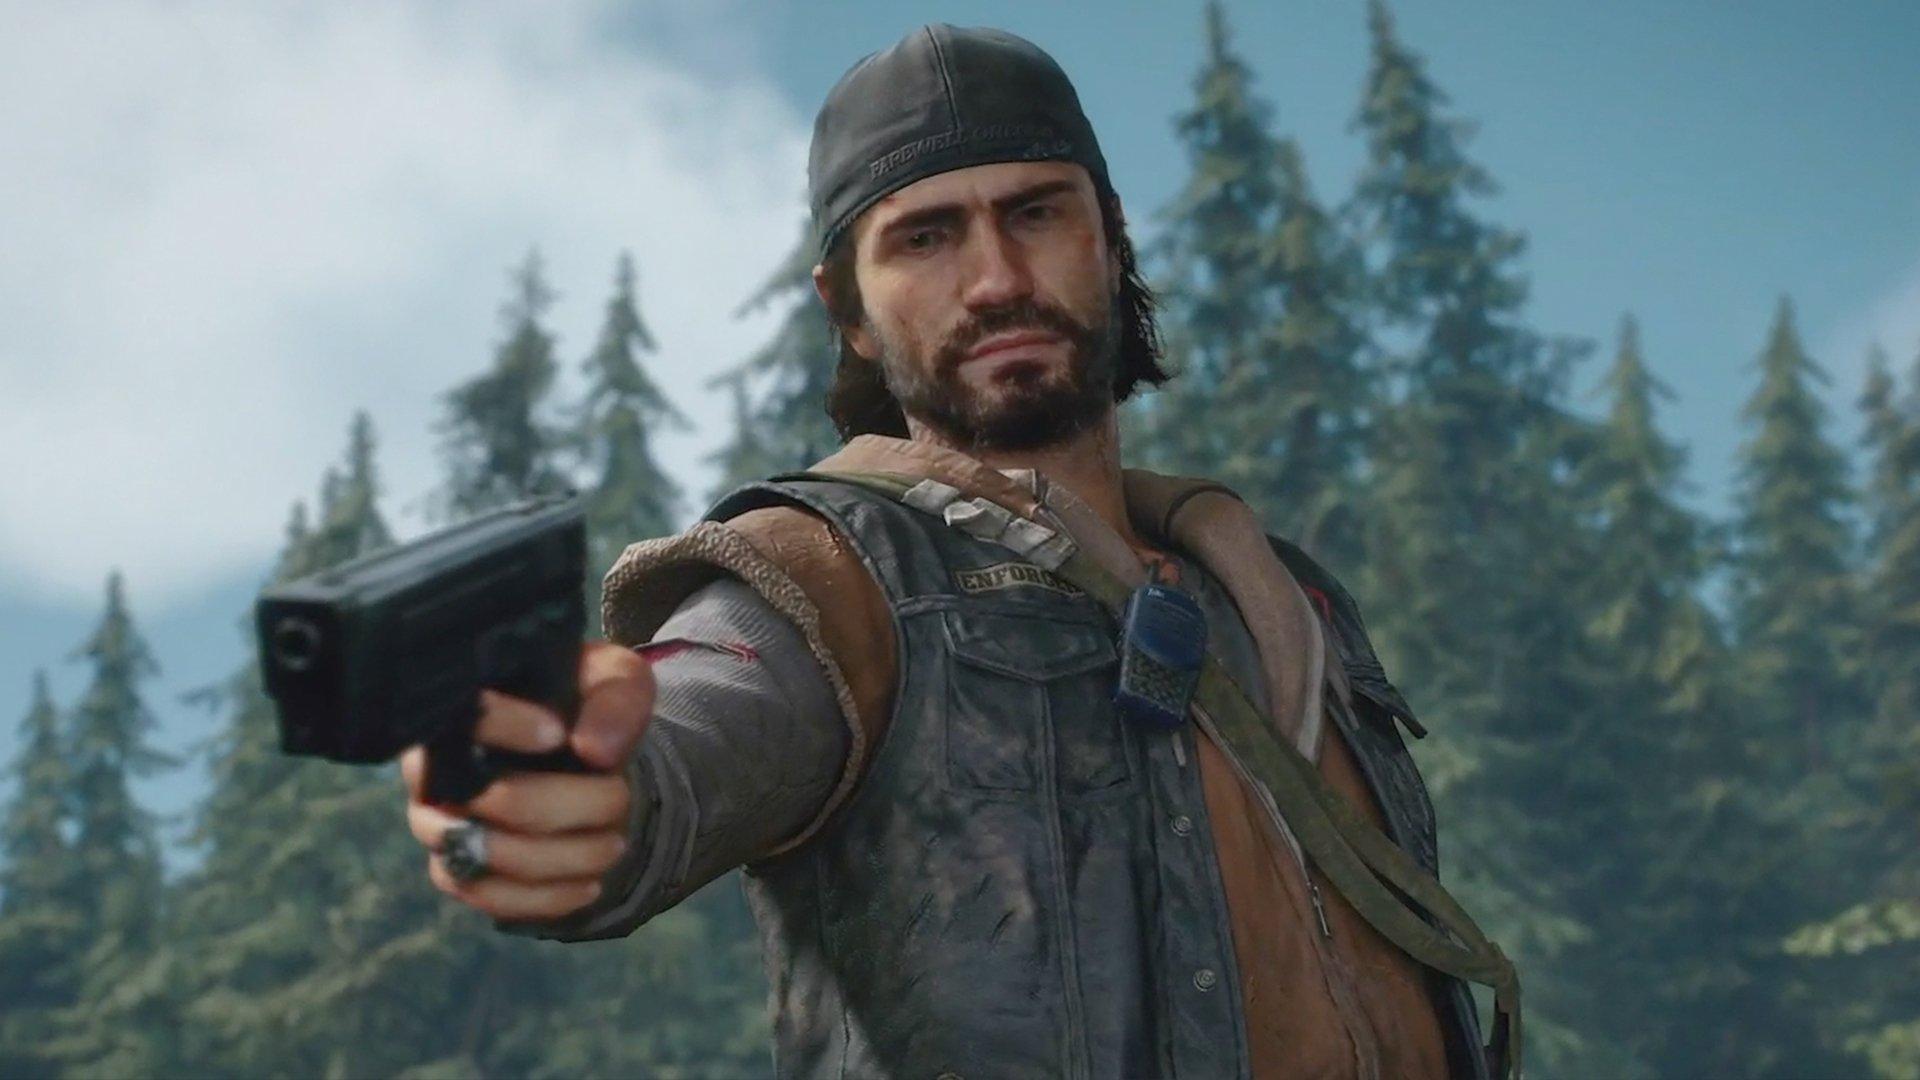 Days Gone หัวหน้าทีมพัฒนาออกความเห็นเกี่ยวกับข่าวภาคต่อเกม ถ้าอยากเห็นภาคต่อผู้เล่นต้องช่วยกันซื้อเกมเต็มราคา